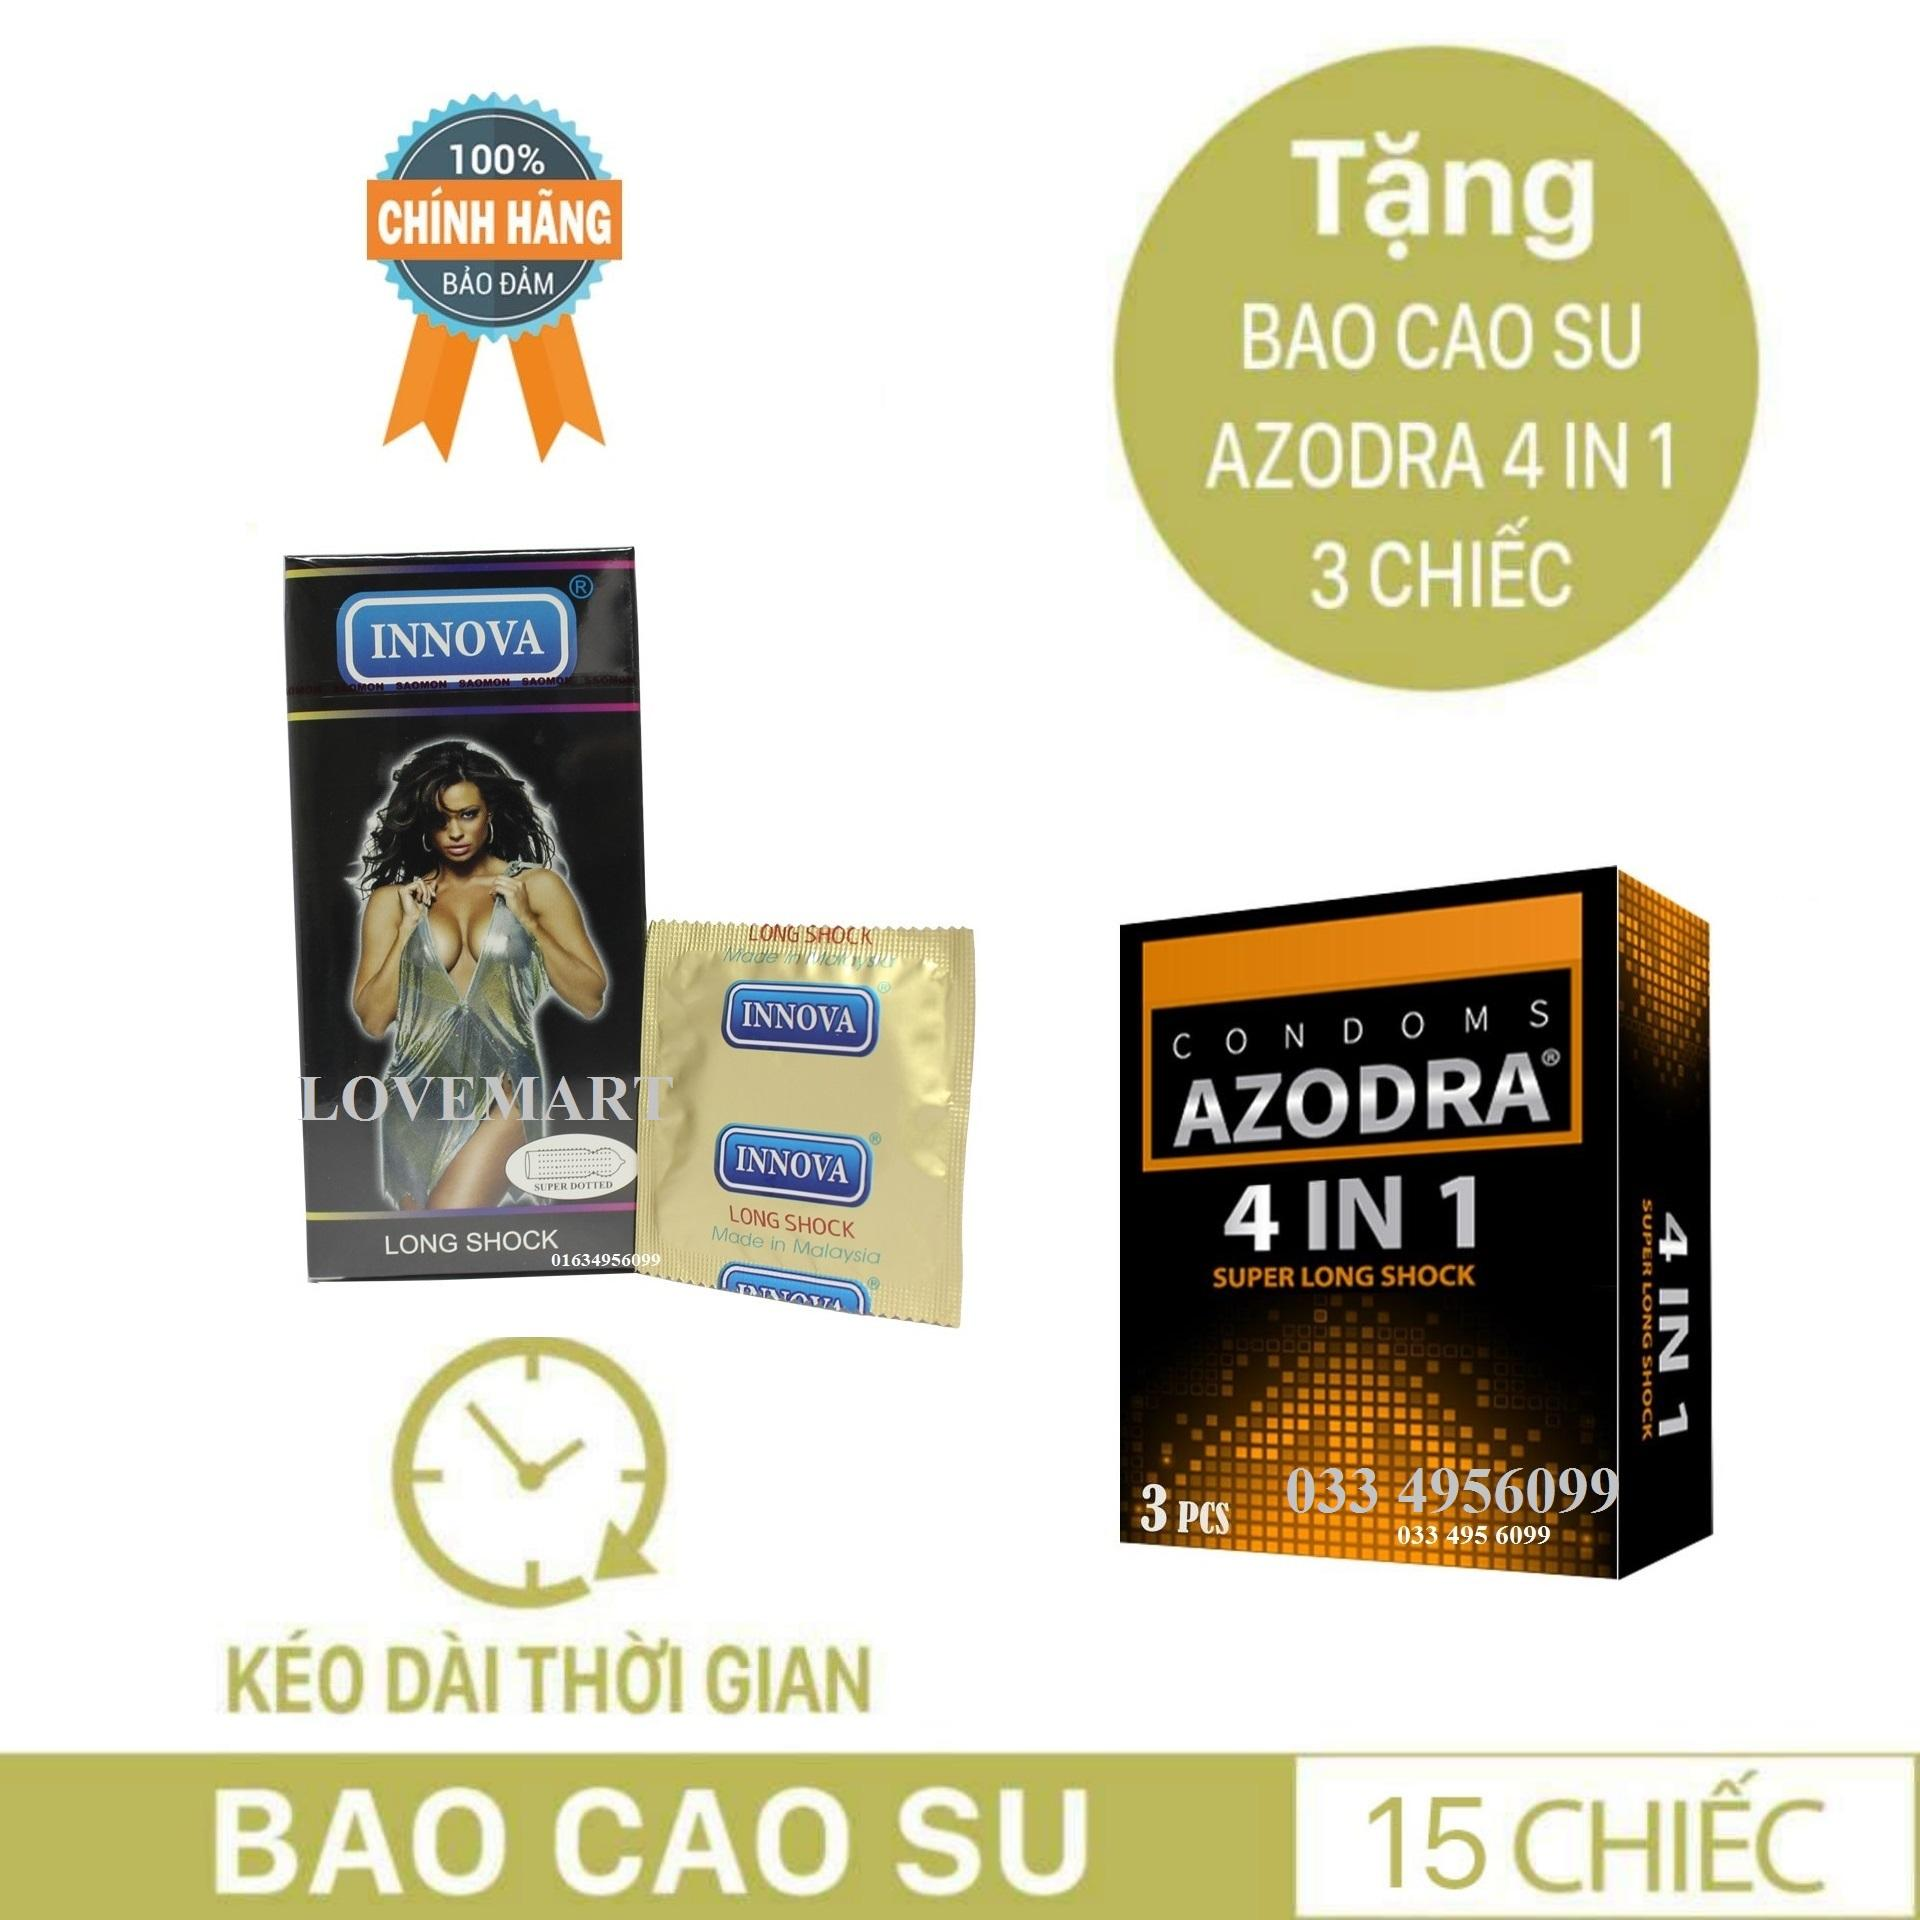 Combo 1 hộp Bao cao su siêu gân gai kéo dài thời gian INNOVA tặng 1 hộp BCS AZODRA